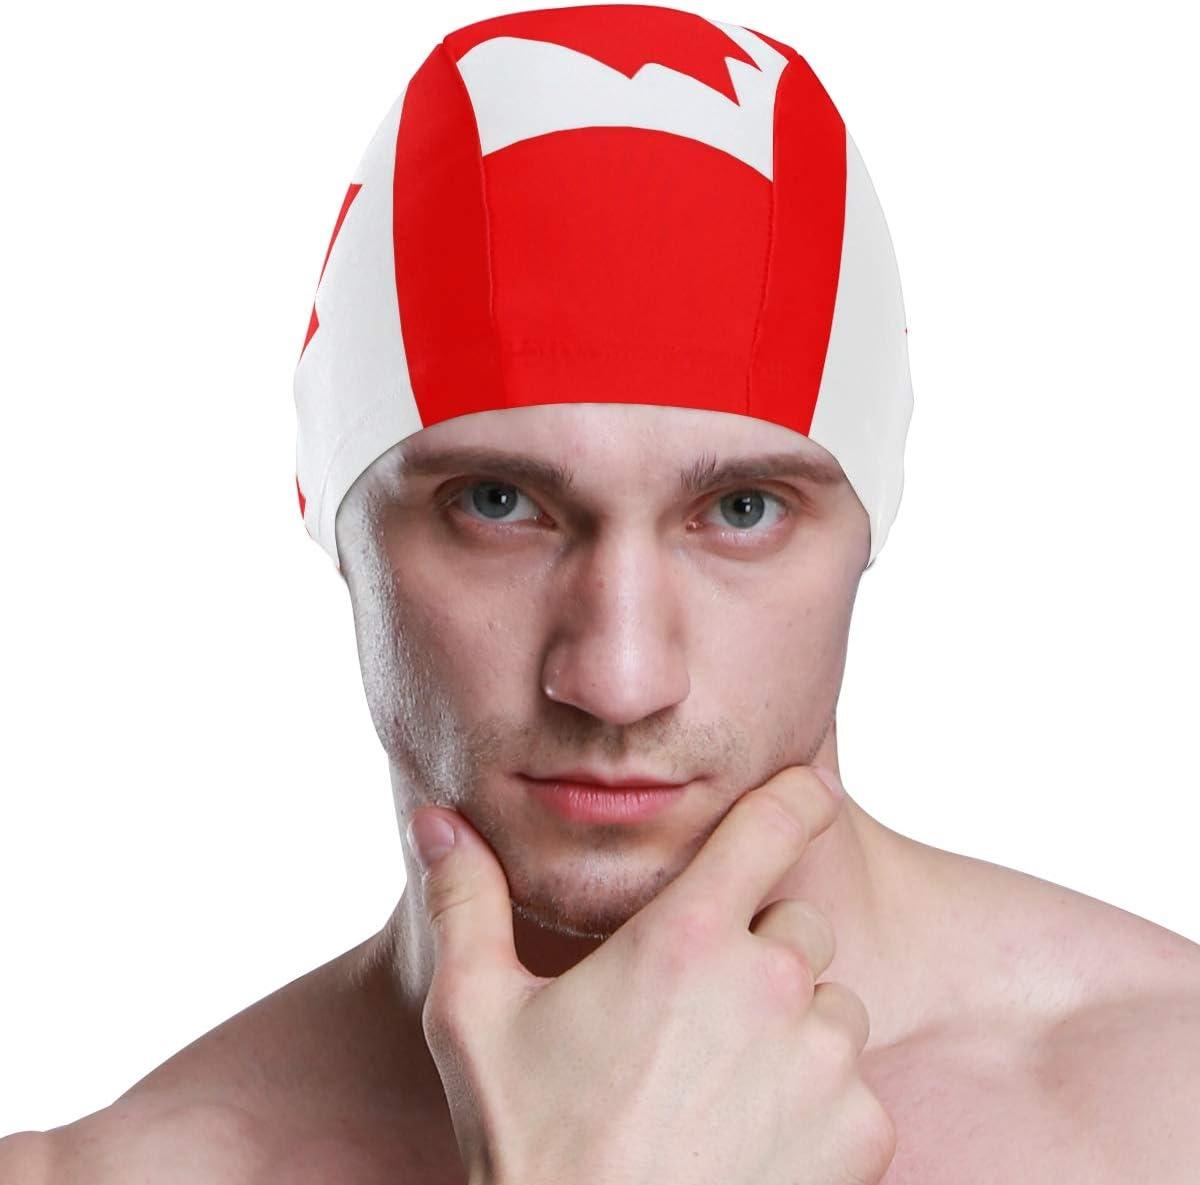 para Adultos j/óvenes y ni/ños ALINLO Gorro de nataci/ón con la Bandera de Canad/á y Gorro de nataci/ón Impermeable Hombres